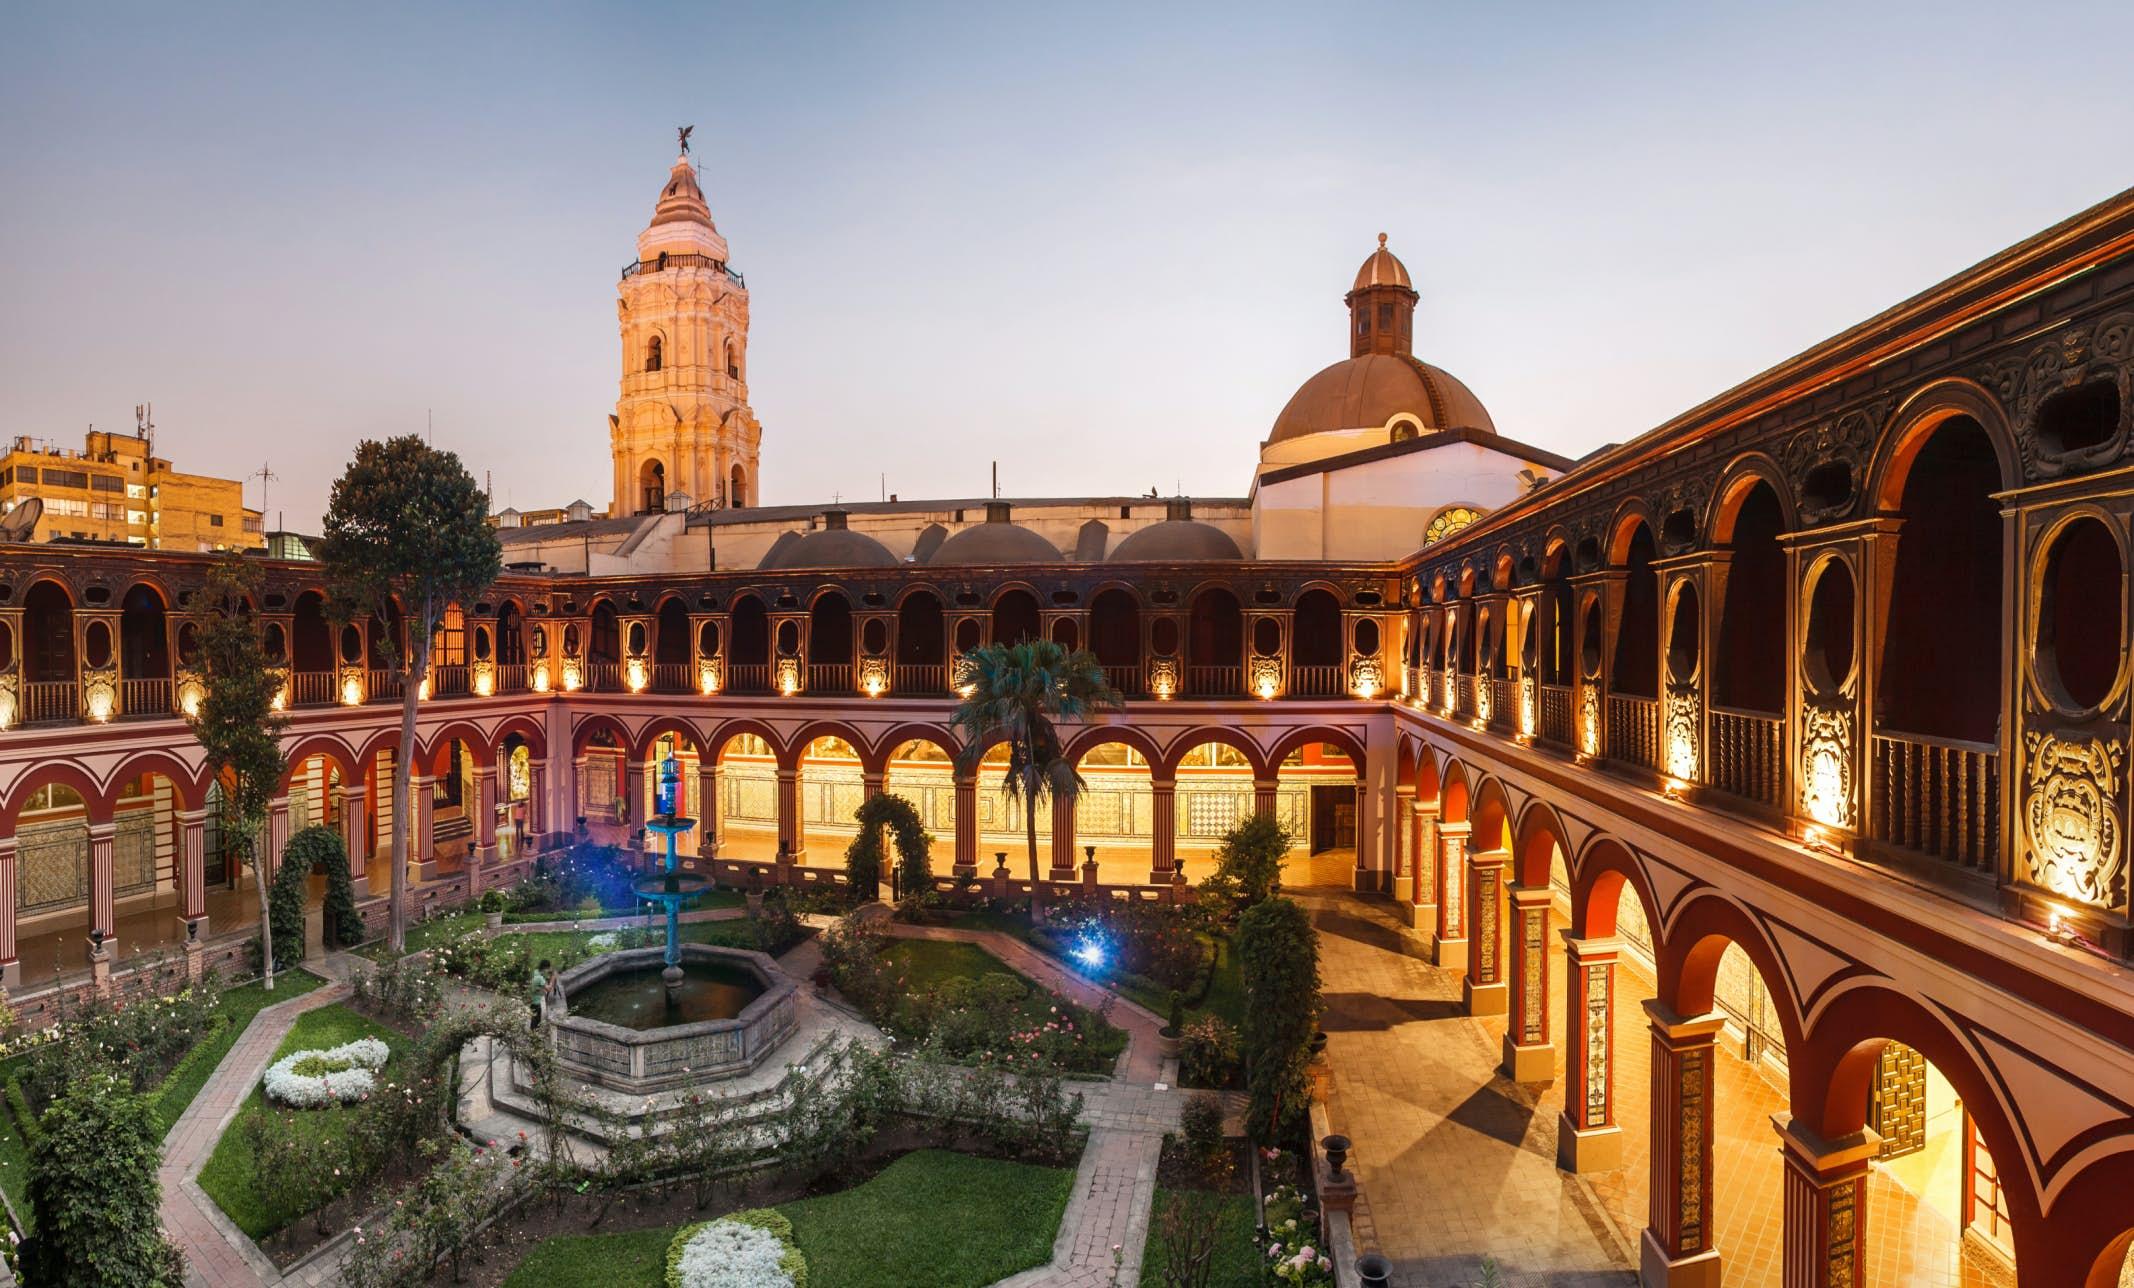 Iglesia de Santo Domingo | Lima, Peru Attractions - Lonely Planet